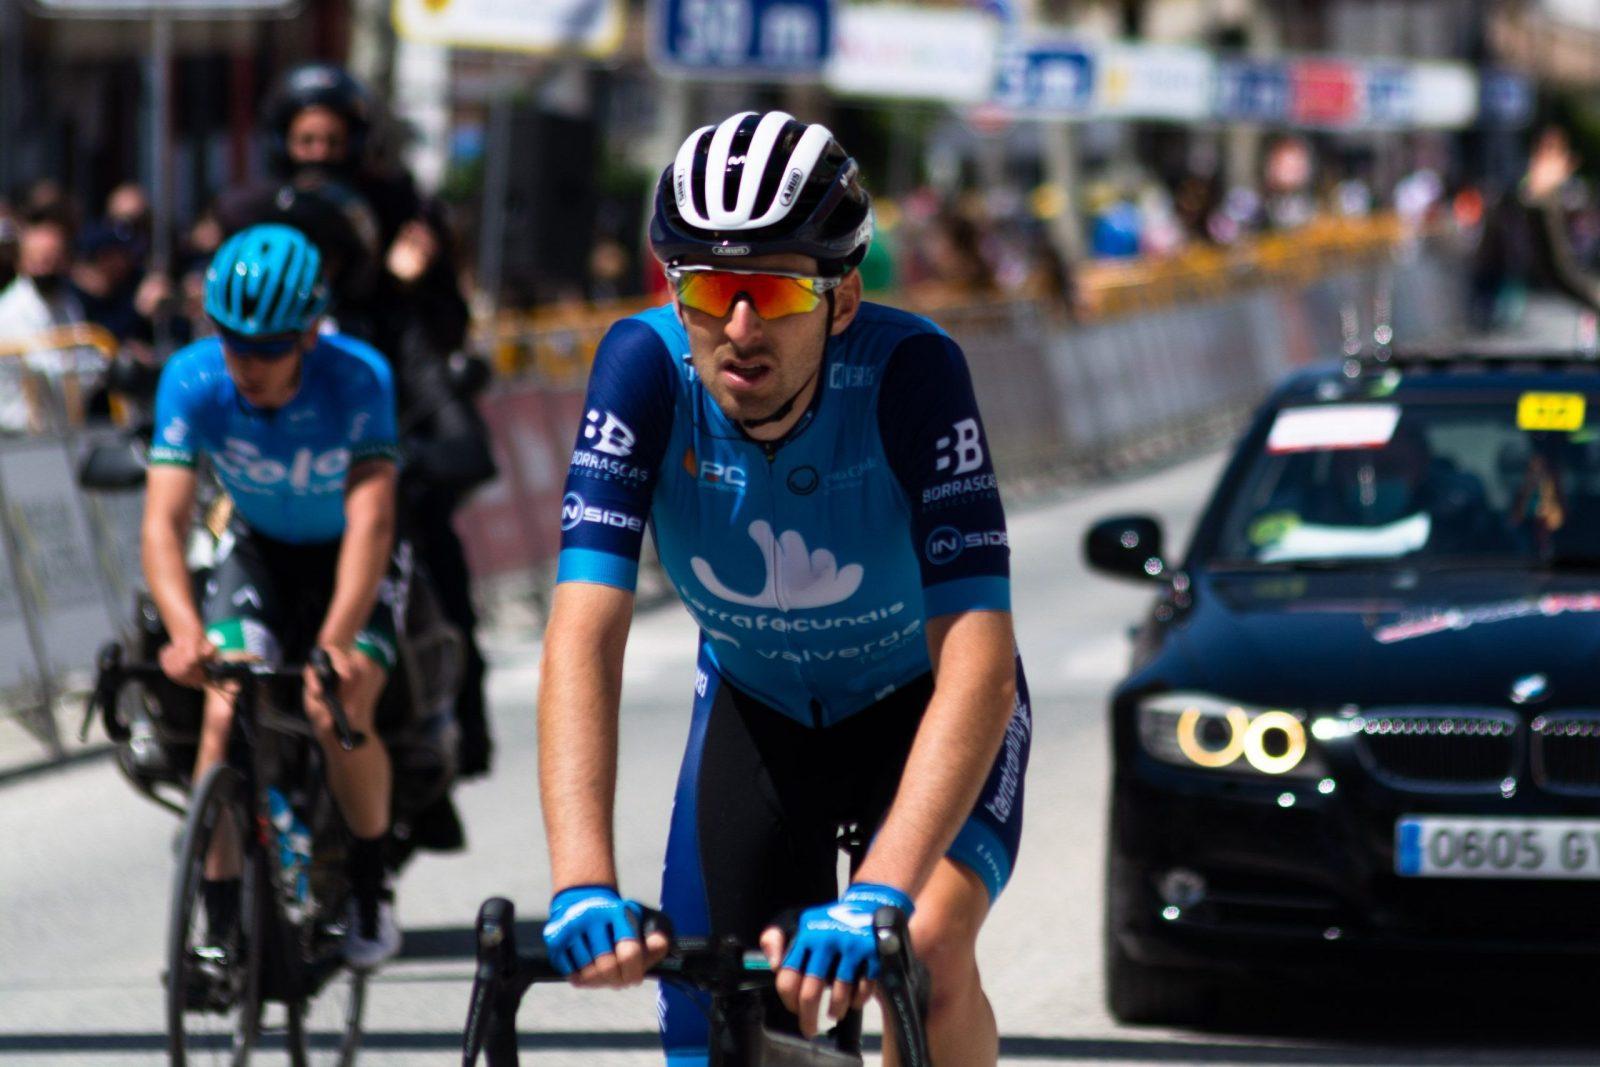 Valverde Team José María García Torredonjimeno